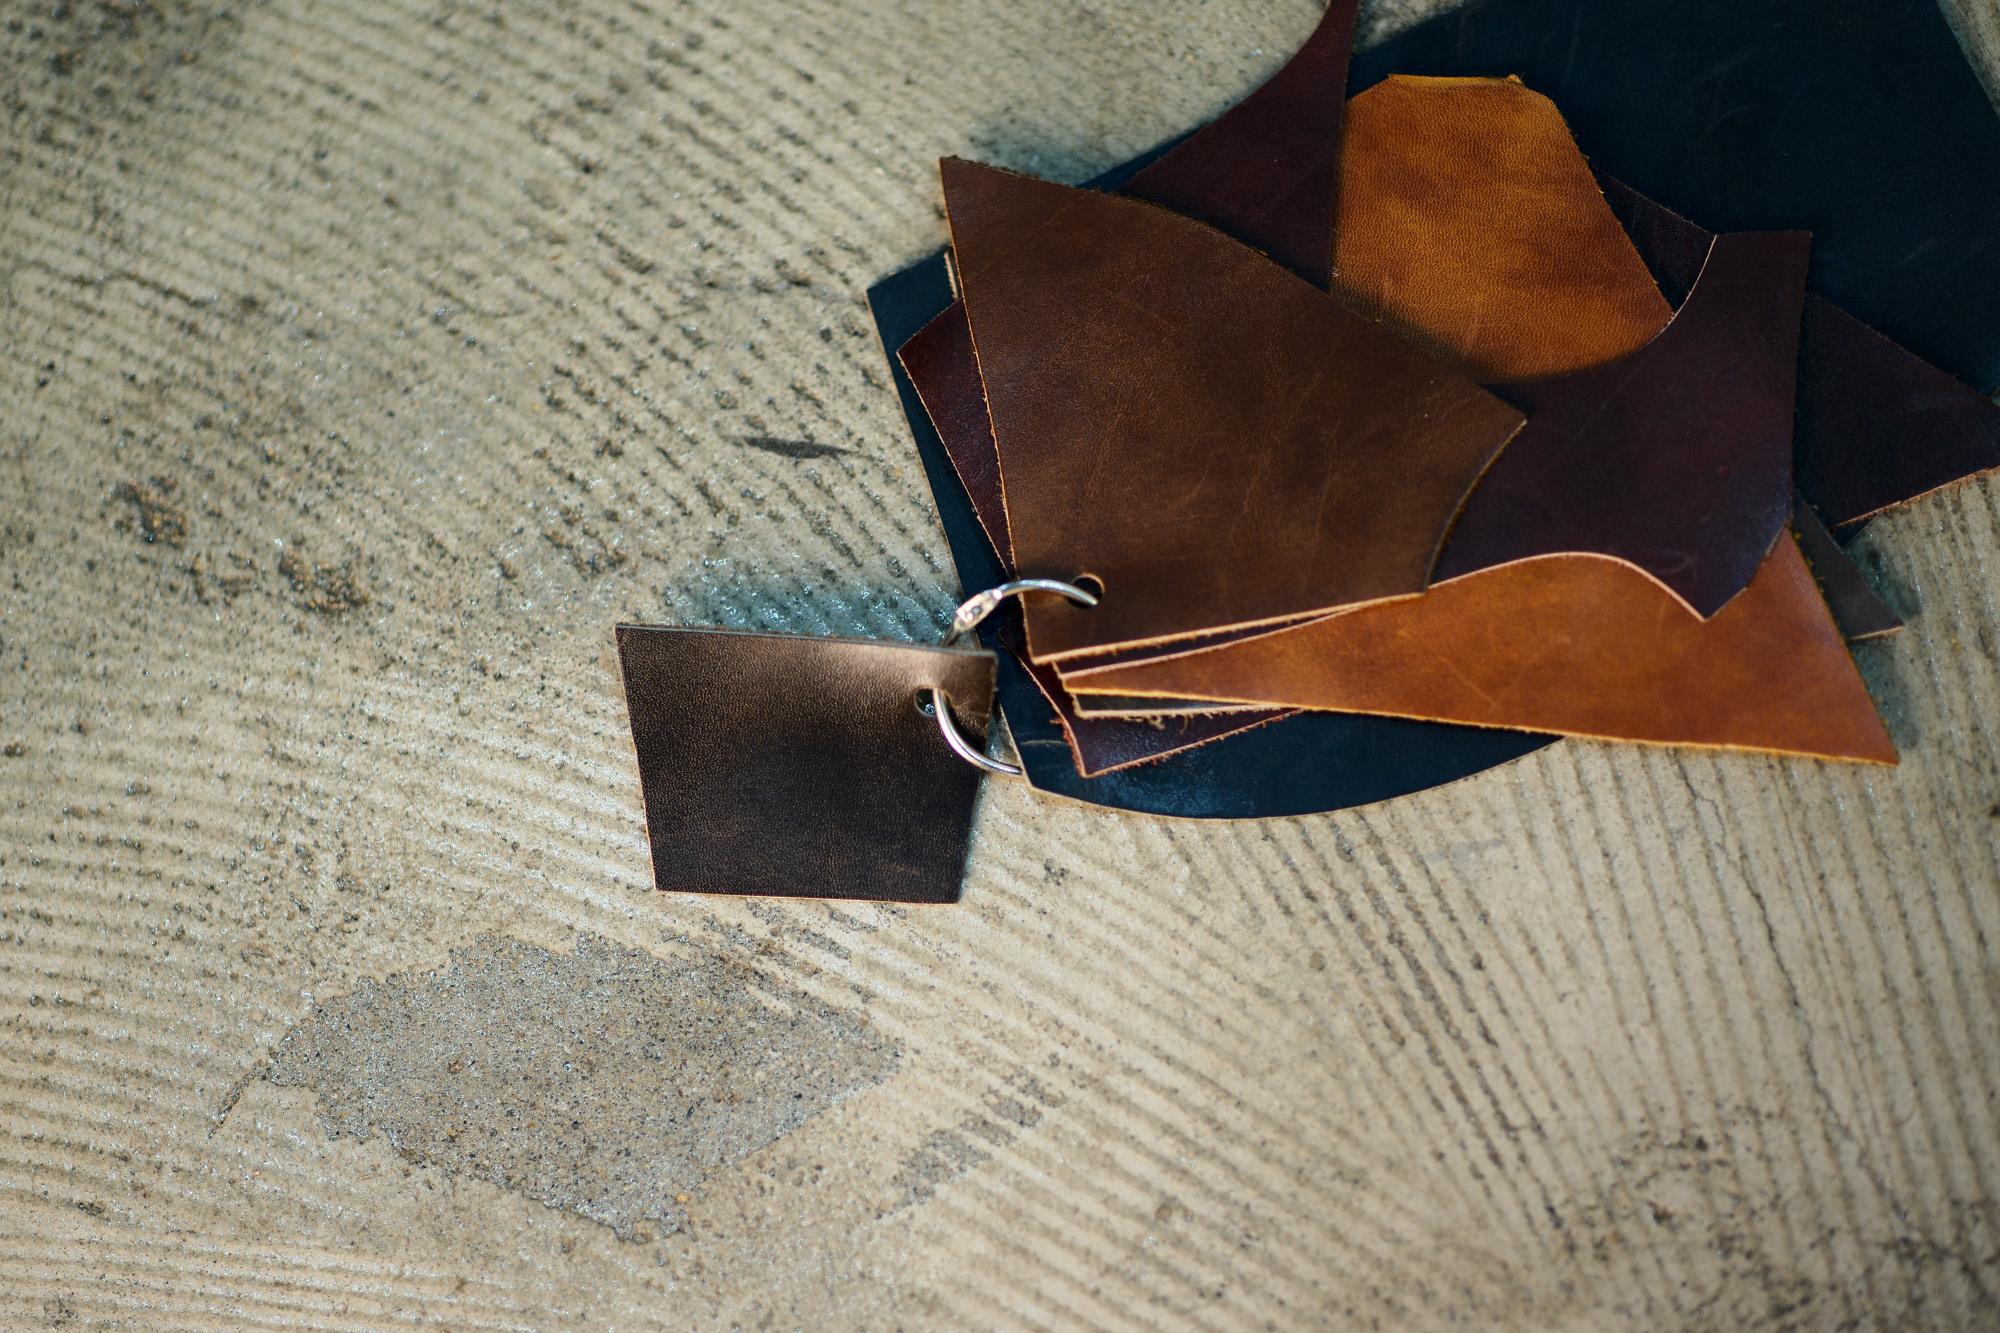 ENZO BONAFE / エンツォボナフェ (2021 春夏 展示会) 愛知 名古屋 altoediritto アルトエデリット EB-08 EB-44 EB-07 3722 LAMA LEATHER MUSEUM CALF DARK BROWN LIZARD ローファー ドレスシューズ スリッポン タッセルローファー チャッカブーツ